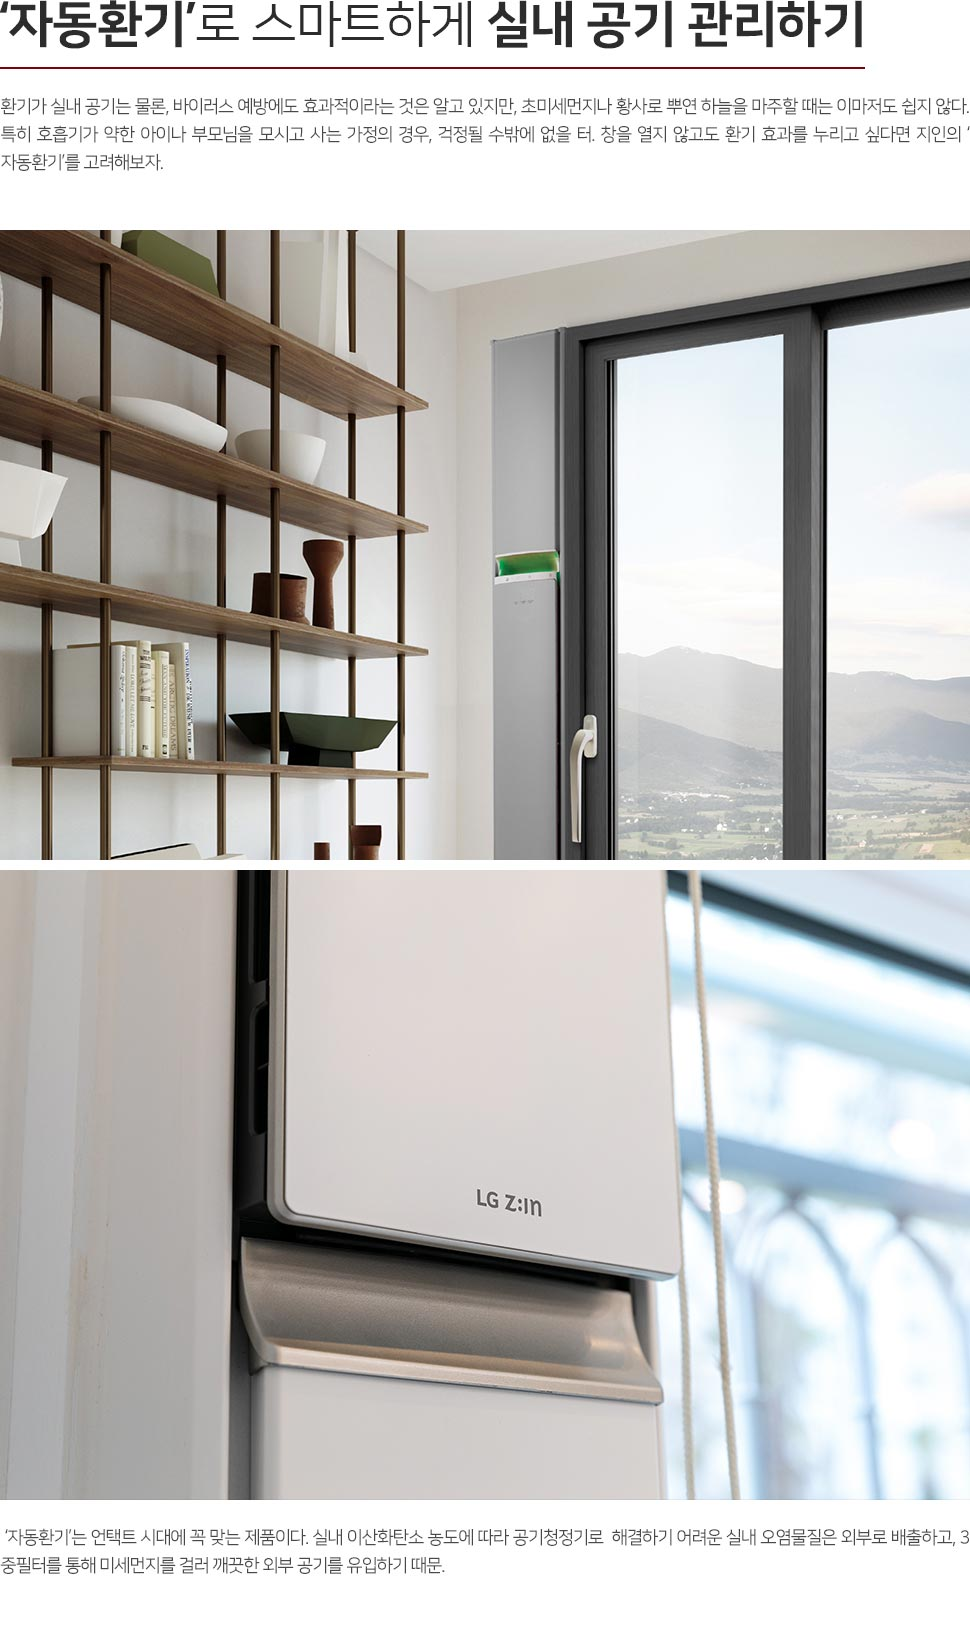 2. '자동환기'로 스마트하게 실내 공기 관리하기